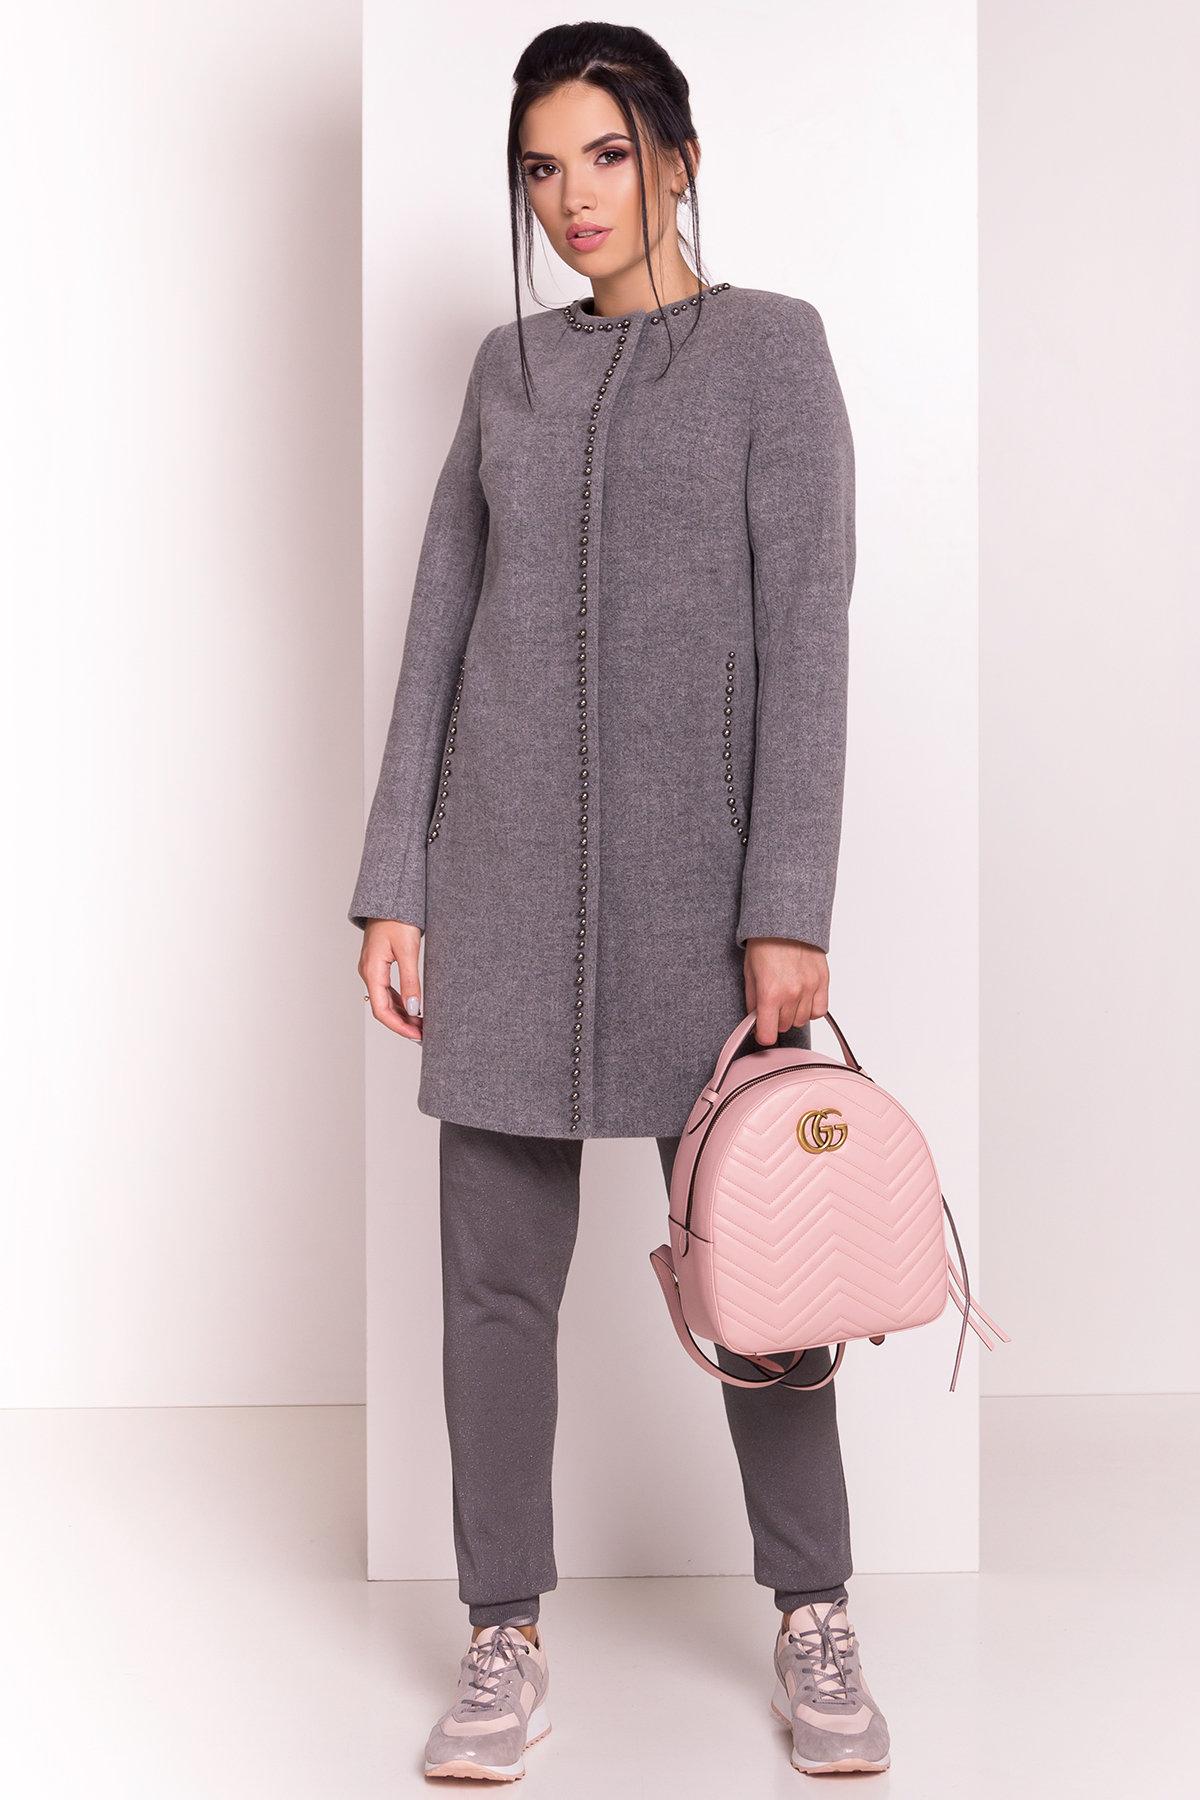 Весенние пальто Пелагея 5512 АРТ. 37057 Цвет: Серый 18 - фото 2, интернет магазин tm-modus.ru